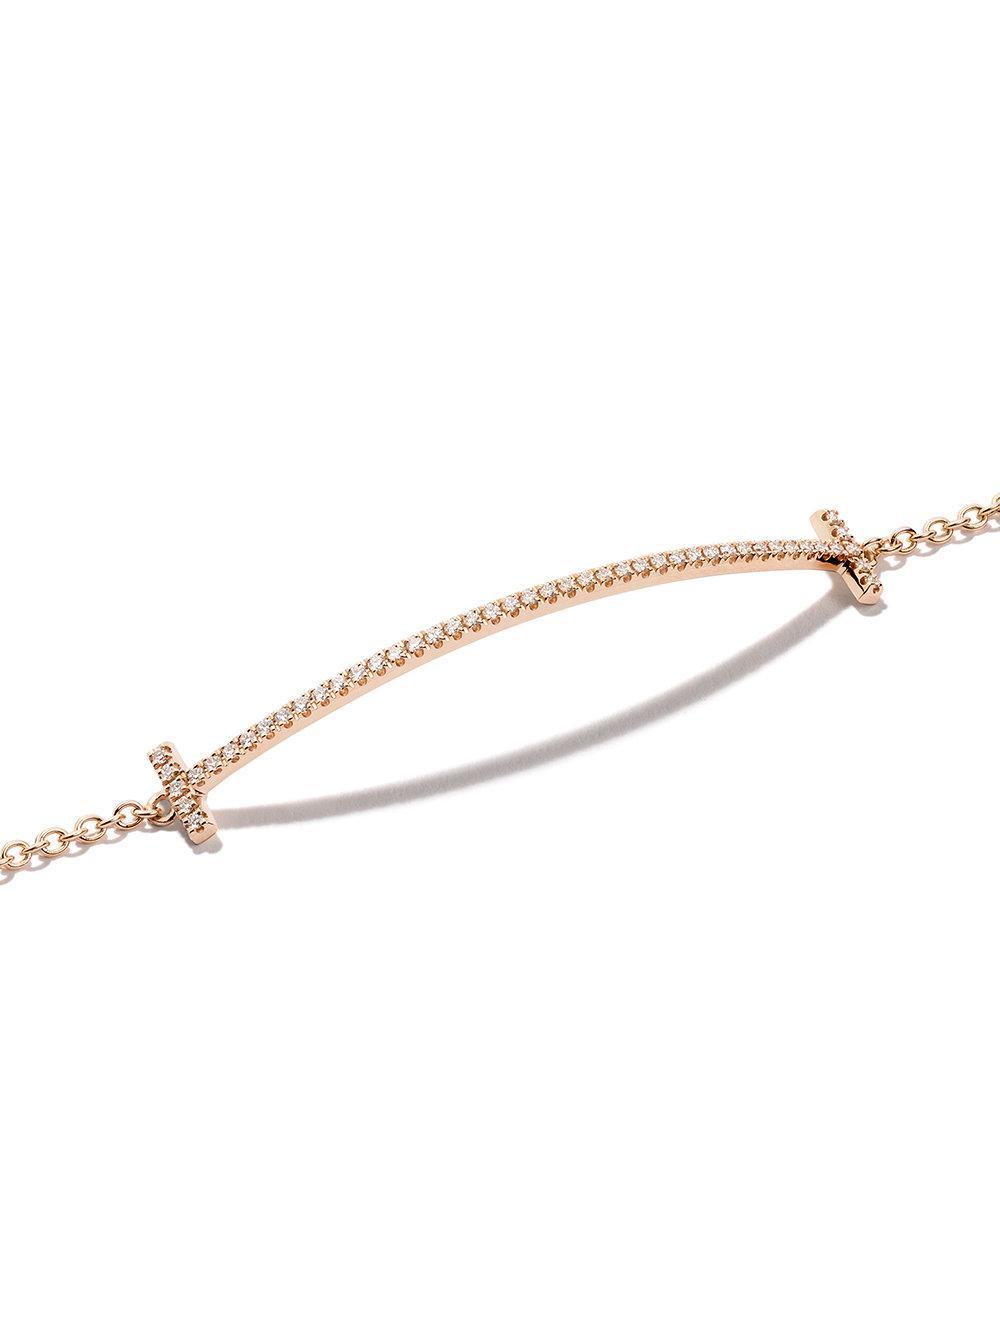 7f350ff75 Tiffany & Co. 18kt Rose Gold Tiffany T Smile Diamond Bracelet in ...